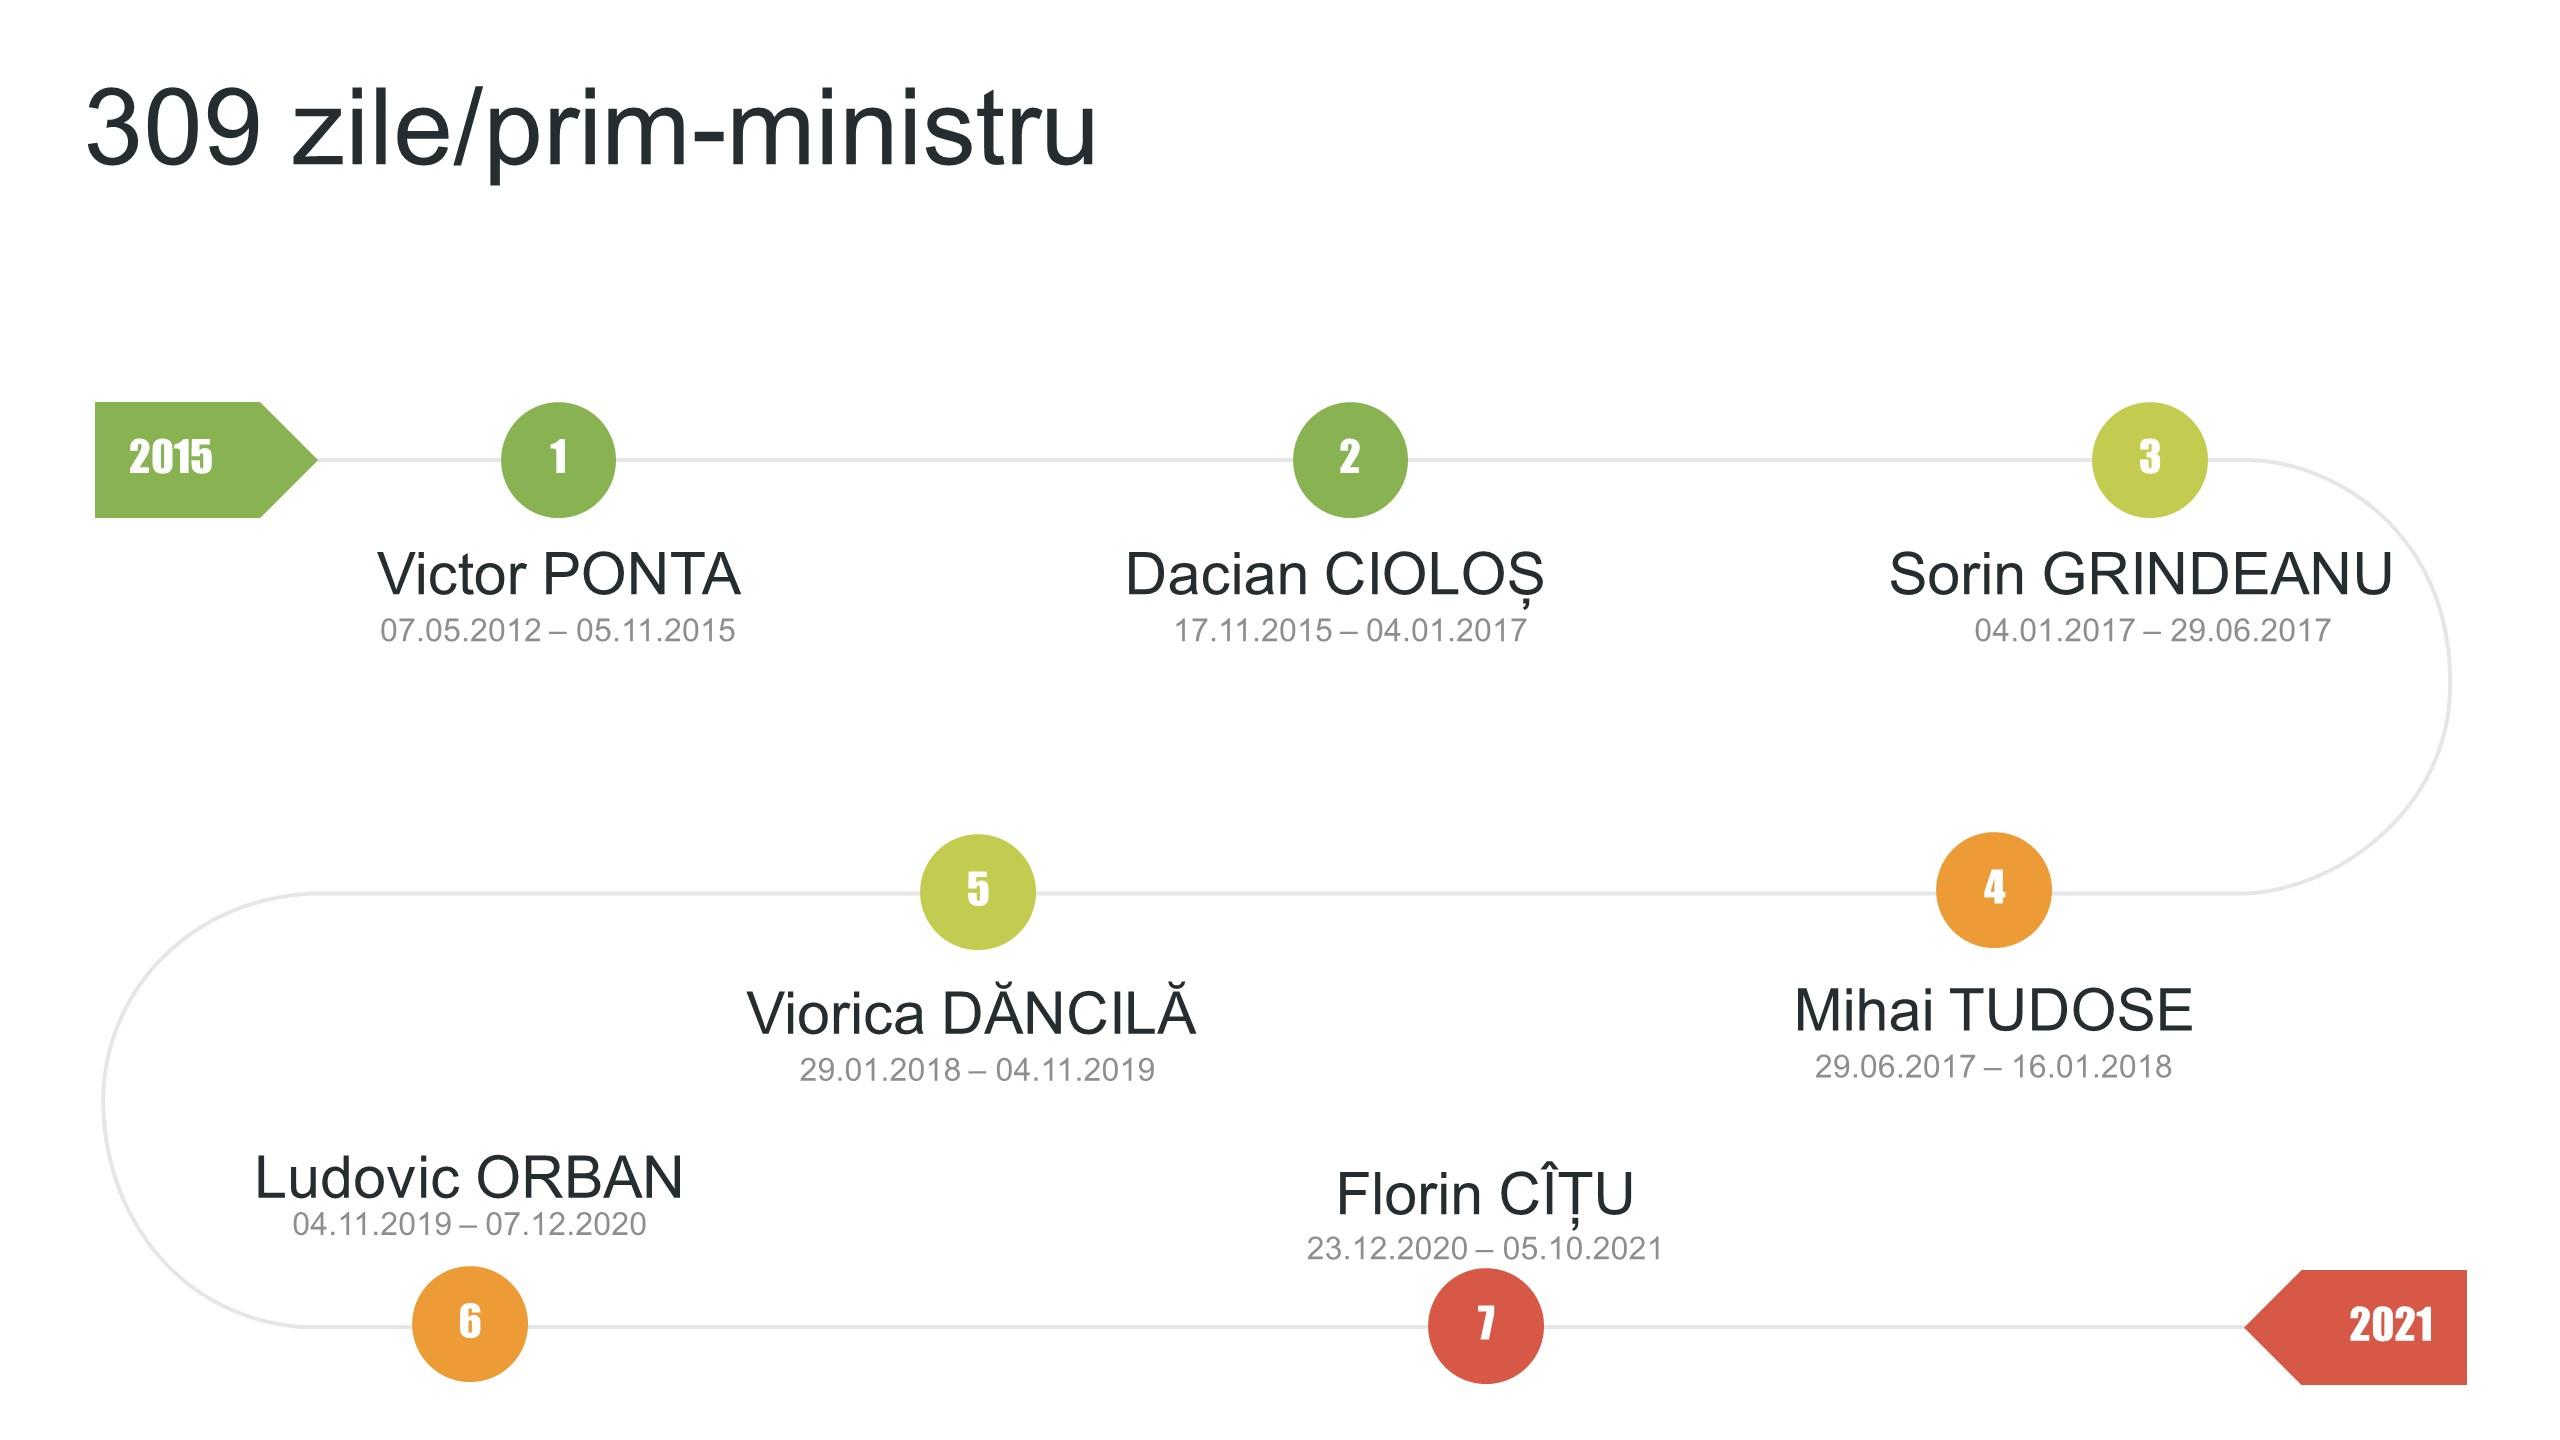 6 ani, 7 prim-miniștri - Din 10 august 2015 până în 5 octombrie 2021, Guvernul României a fost condus de 11 prim-miniștri diferiți (din care 4 interimari). Altfel spus, în ultimele 2248 zile numărul de zile petrecute în medie de un prim-ministru la Palatul Victoria este de 205 zile dacă luăm în calcul și interimarii. Fără interimari, avem o medie de aproape 309 zile/mandat de prim-ministru pentru cele 2161 zile corespunzătoare perioadei 5.11.2015-5.10.2021. Mai departe, cele 309 zile/prim-ministru reprezintă abia 21,2 % din cele 1460 zile cât durează un mandat întreg de 4 ani. Altfel spus, în ultimii 6 ani, în medie un prim-ministru a fost în funcție doar 21,2% din intervalul de timp pe care-l avea disponibil pentru exercitarea funcției în condiții de maximă stabilitate guvernamentală.